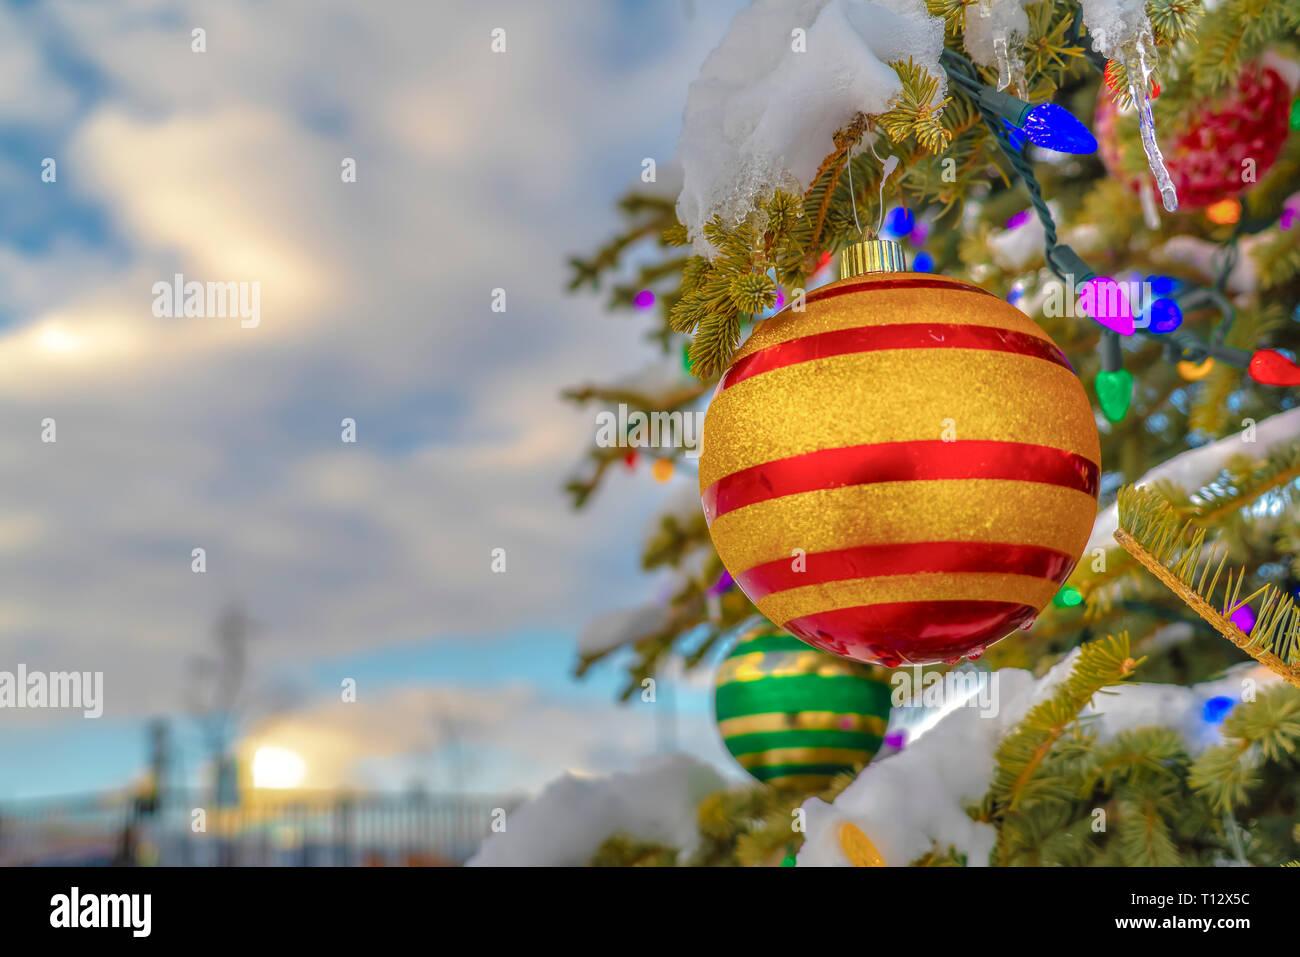 Weihnachtsbeleuchtung Kugel Aussen.Baum Mit Kugeln Und Weihnachtsbeleuchtung Dekoriert Stockfoto Bild